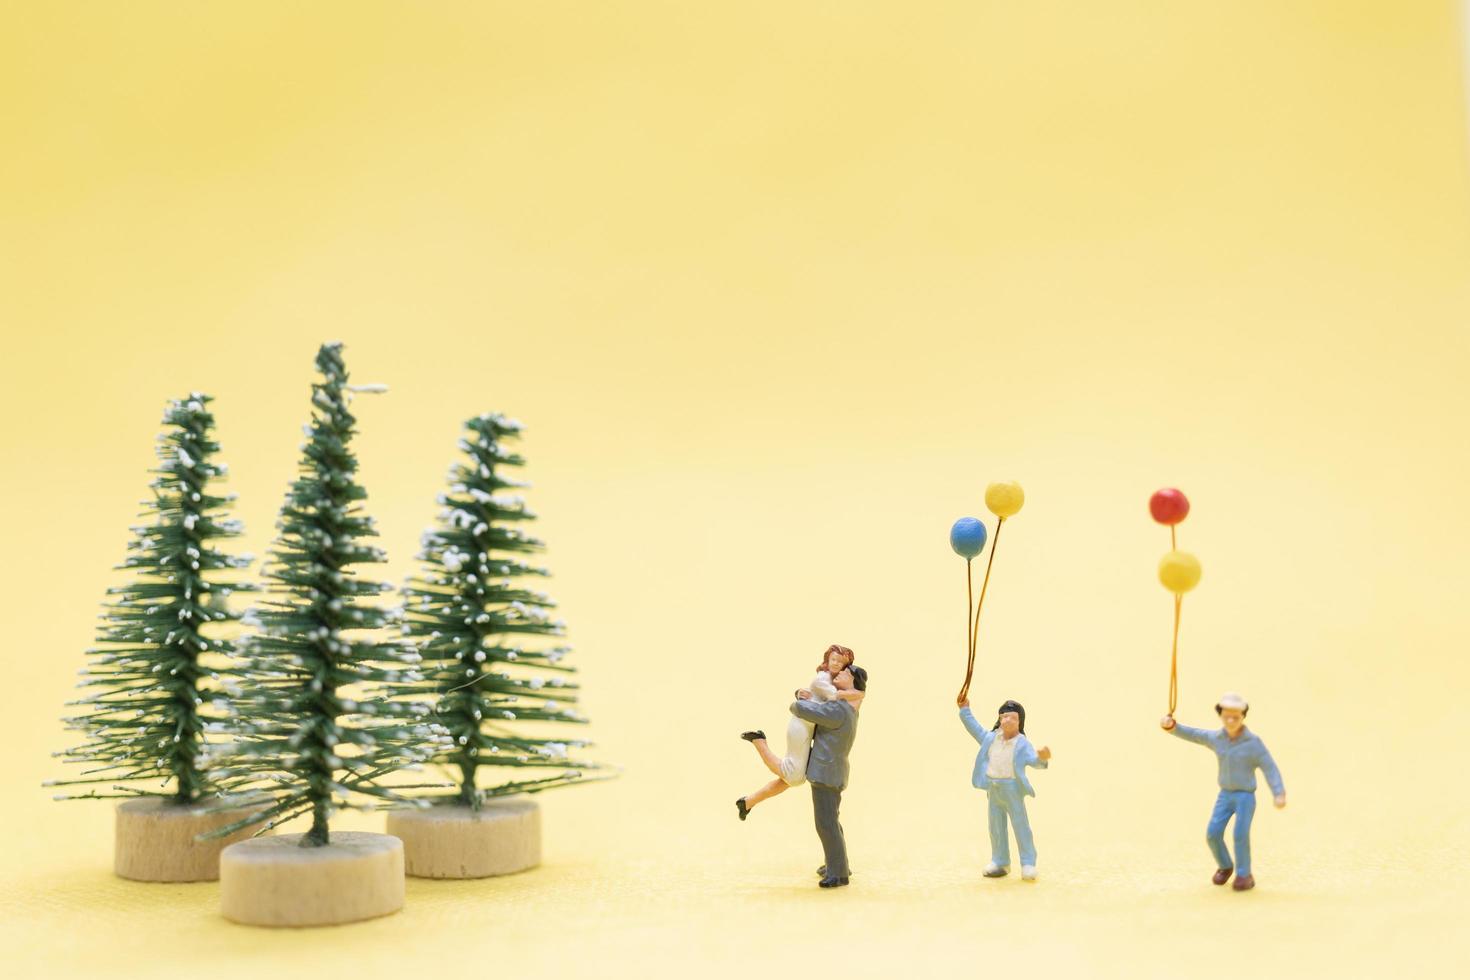 Figuras en miniatura de una familia celebrando la Navidad foto